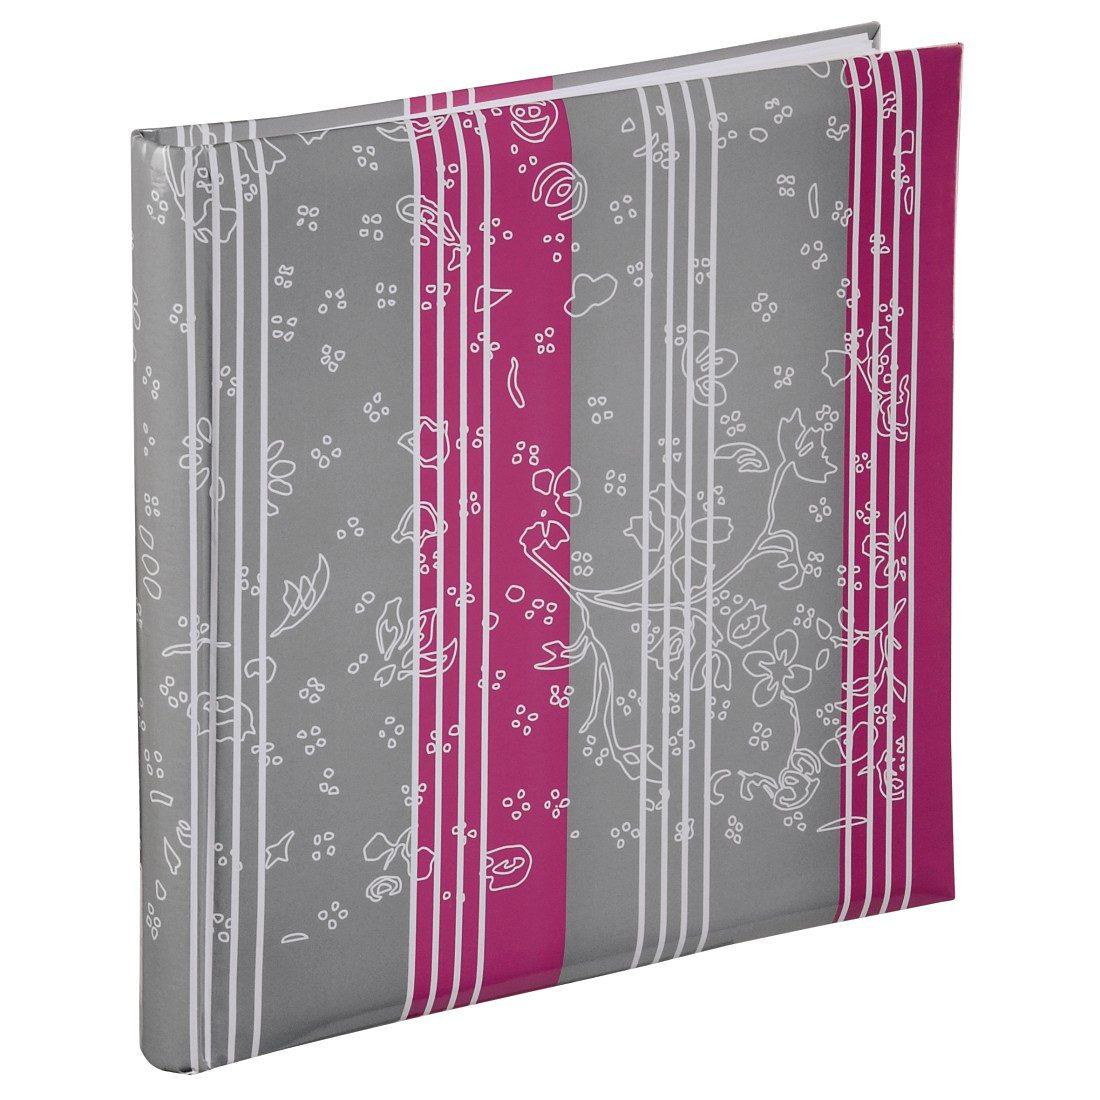 Hama XL-Album Curly, 30x30 cm, 60 weiße Seiten, Drachenfrucht